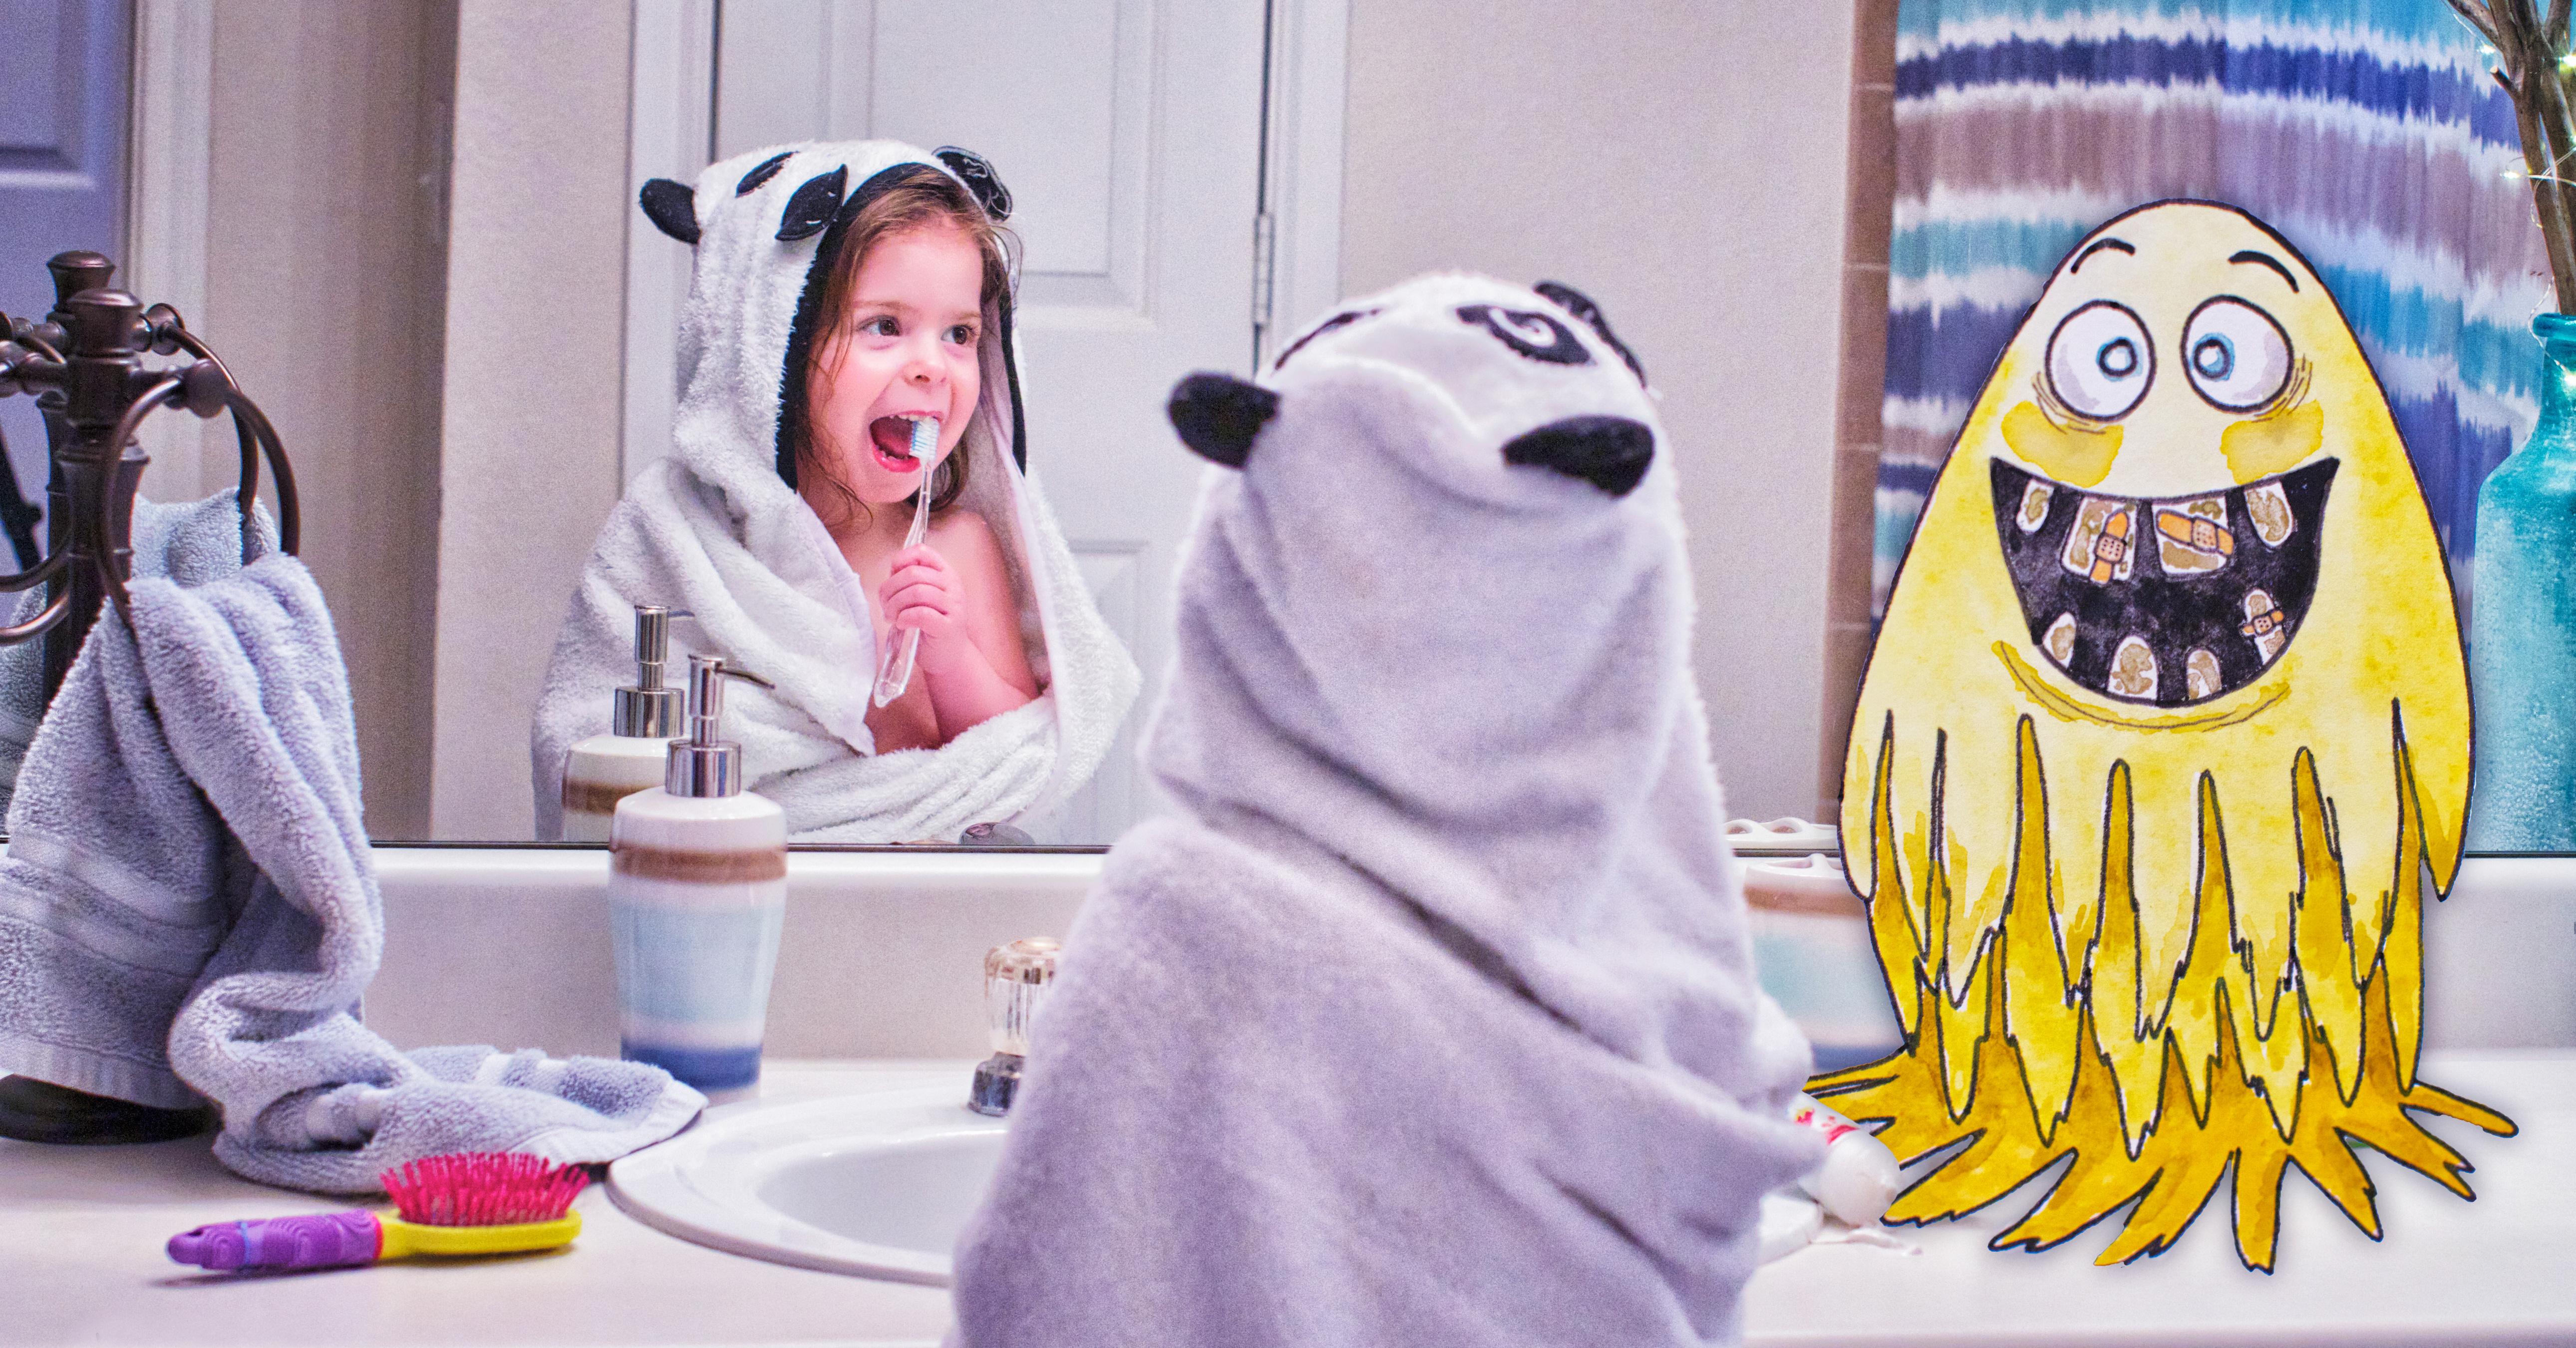 Dvojice umělkyň vytváří obrazy dětí a jejich imaginárních kamarádů